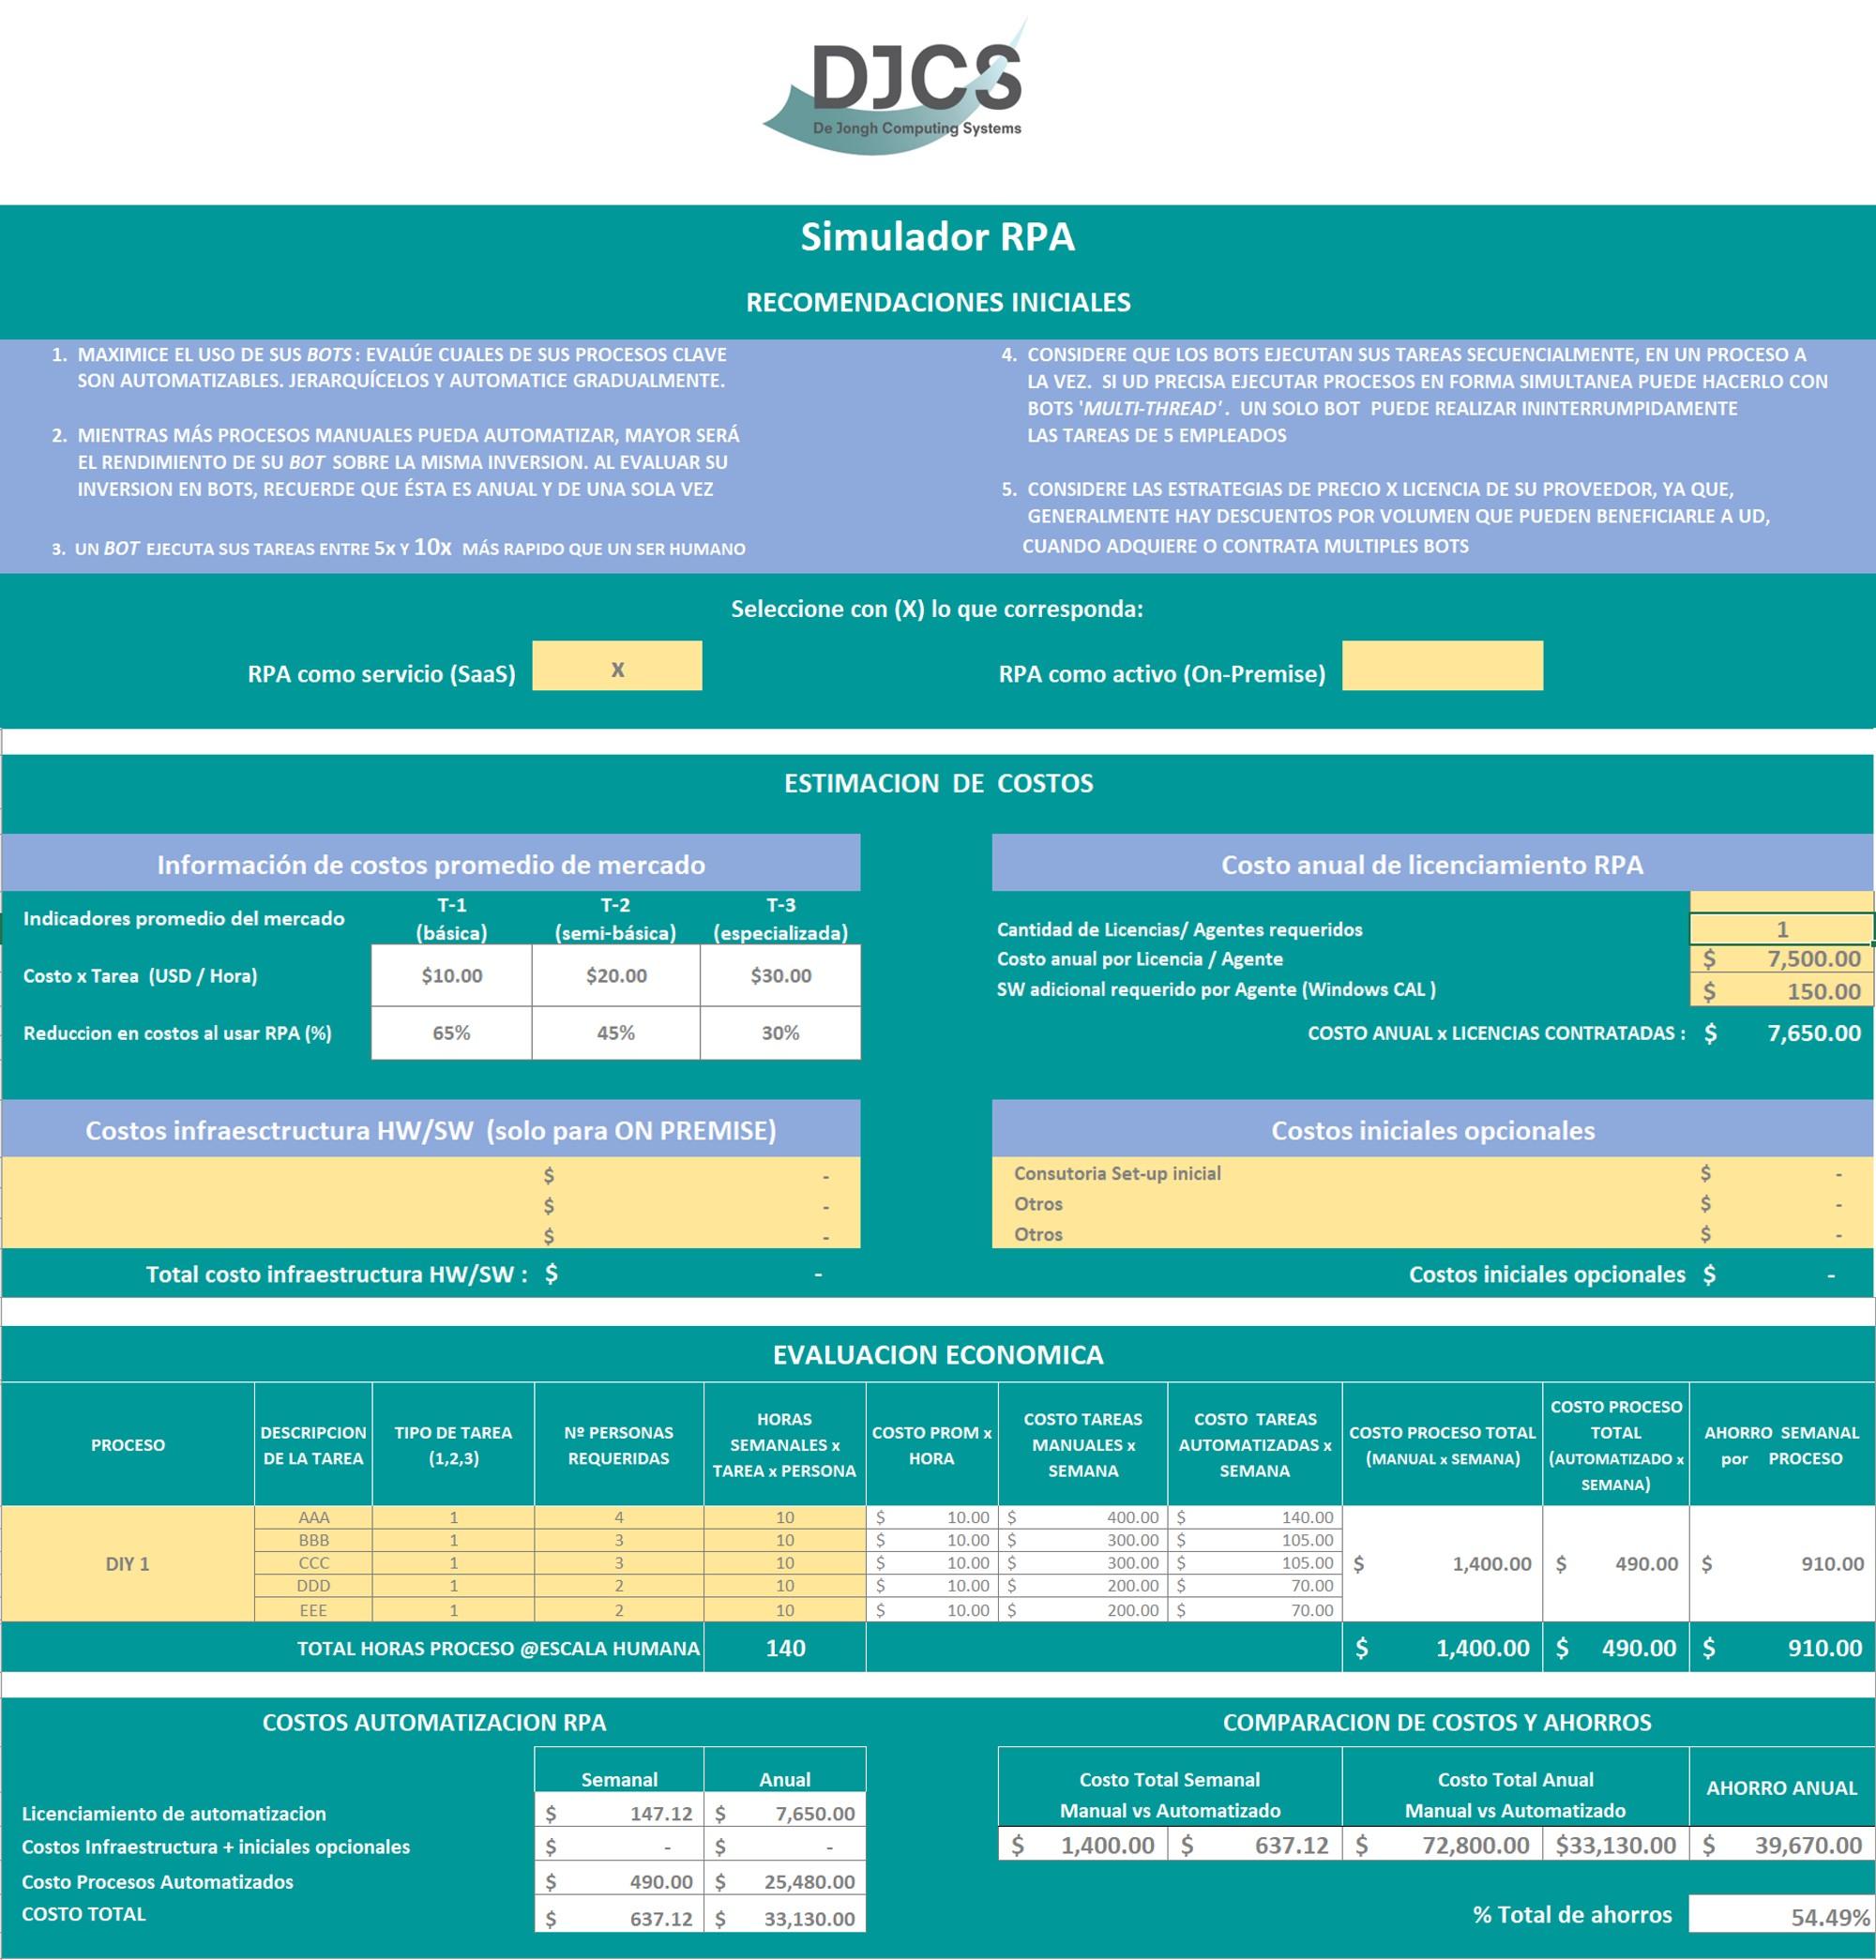 Automatización Robótica de Procesos (RPA) - Reduccion de costos